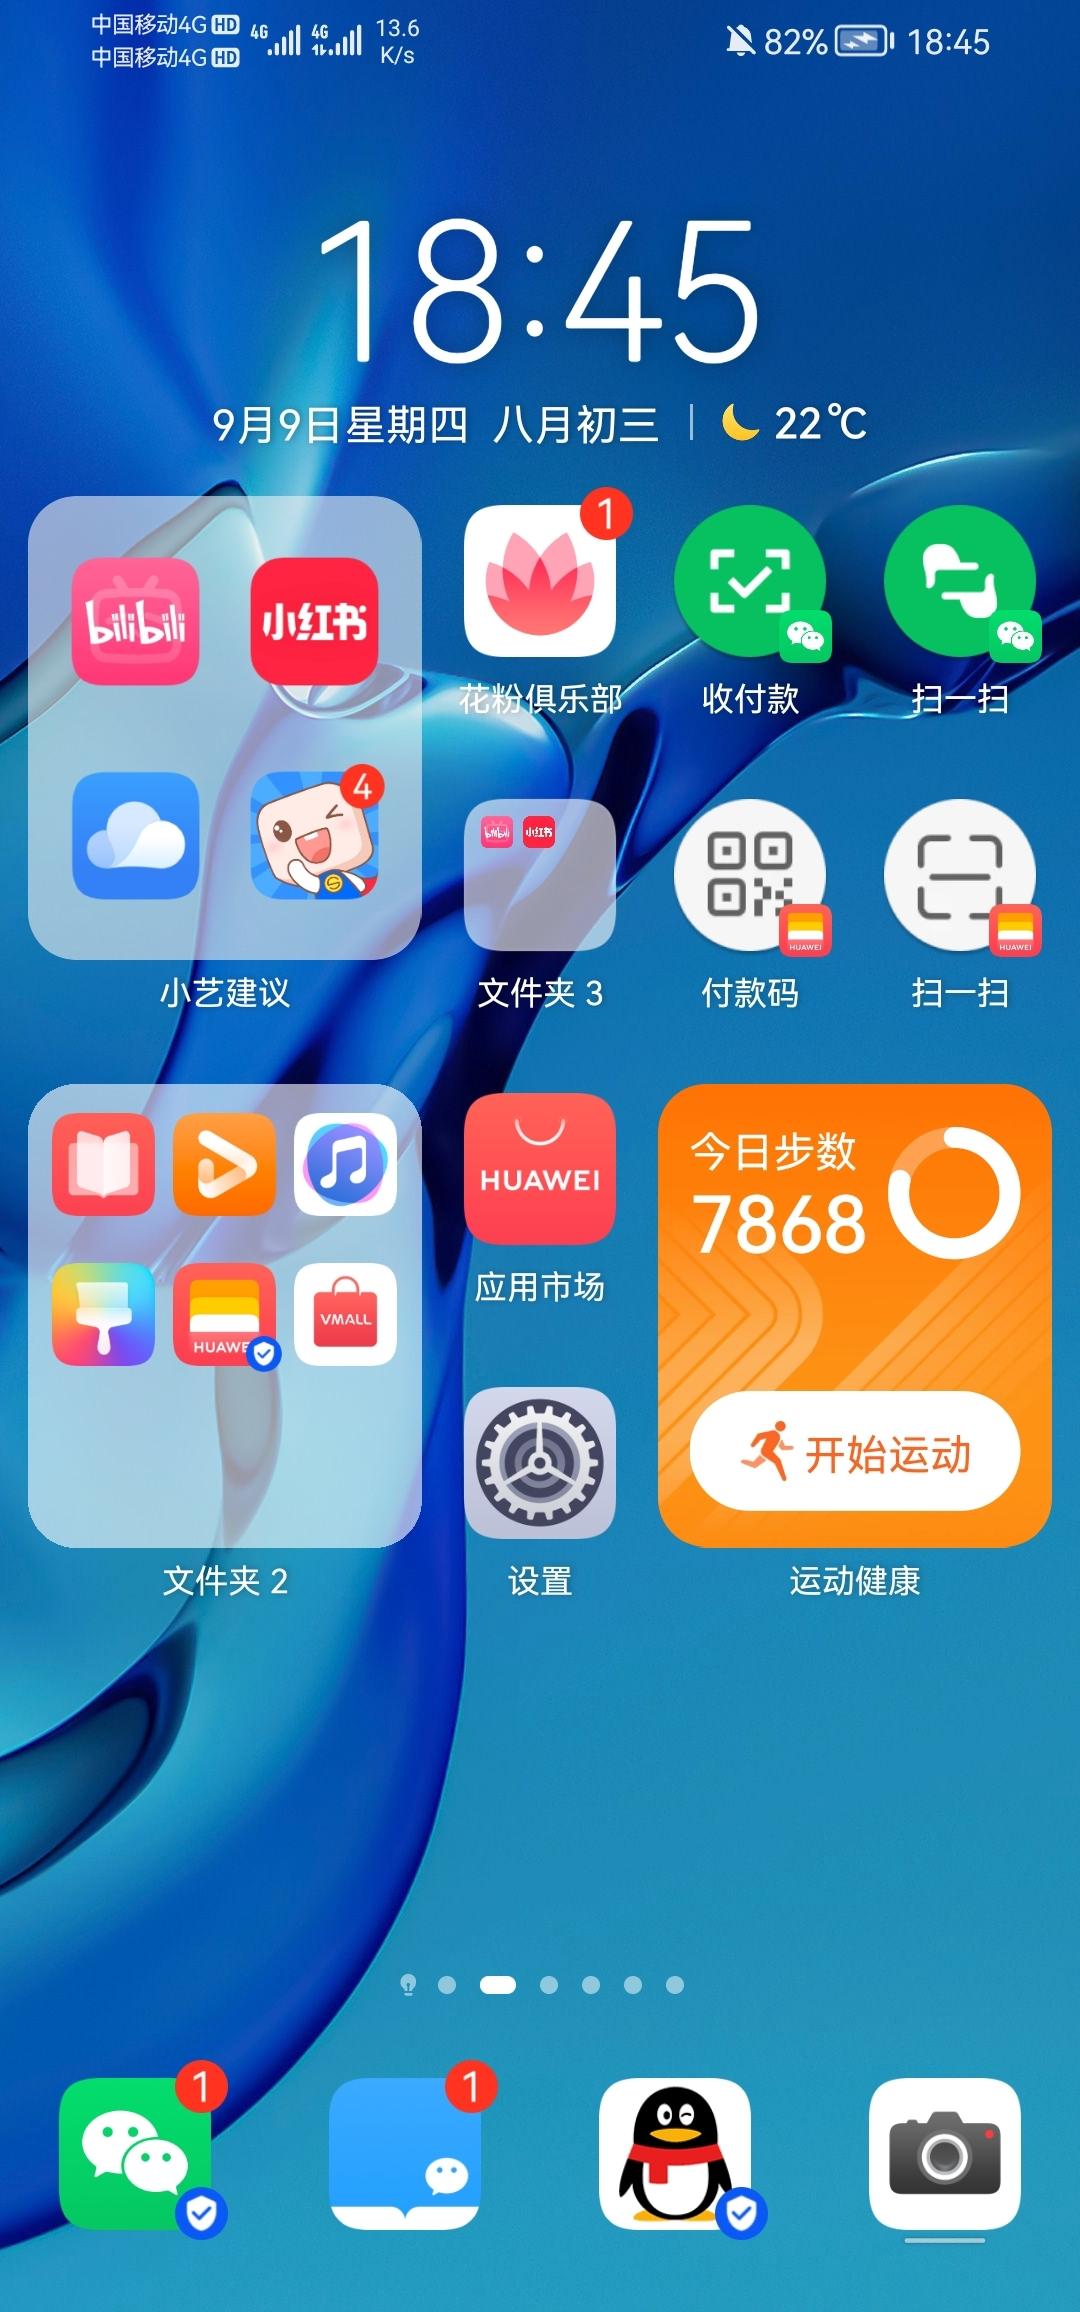 Screenshot_20210909_184529_com.huawei.android.launcher.jpg